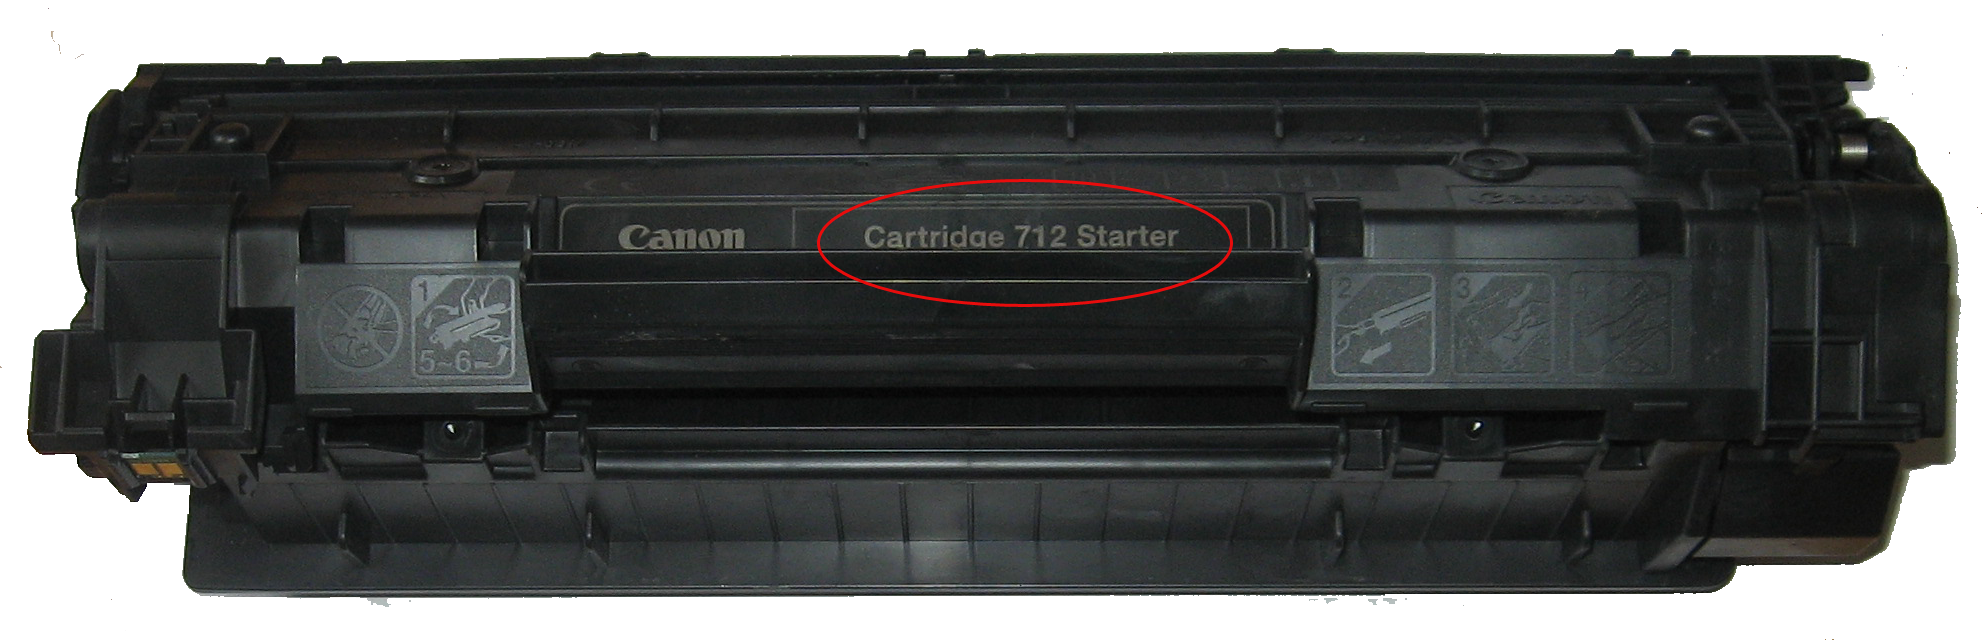 Инструкция заправка canon laser lbp 3010 картридж 712 starter